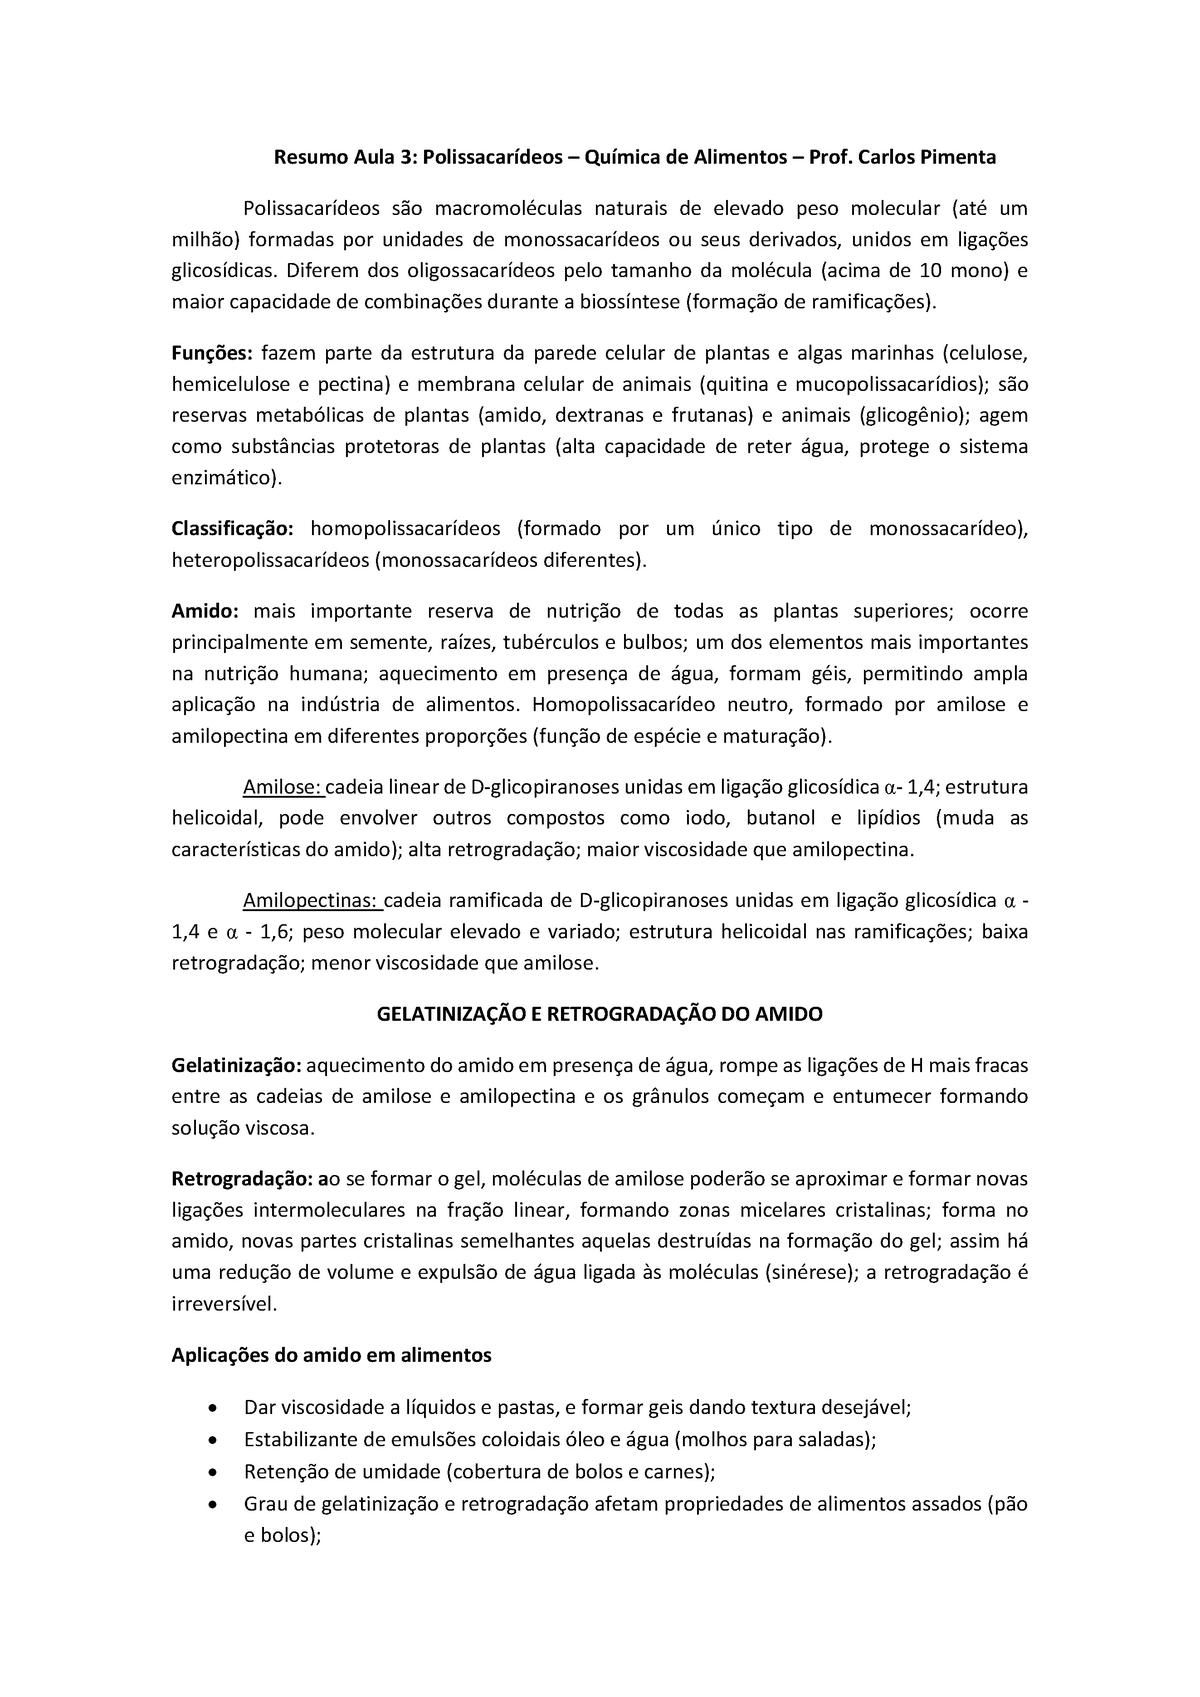 Resumo Aula 3 Polissacarídeos Química De Alimentos Pca521